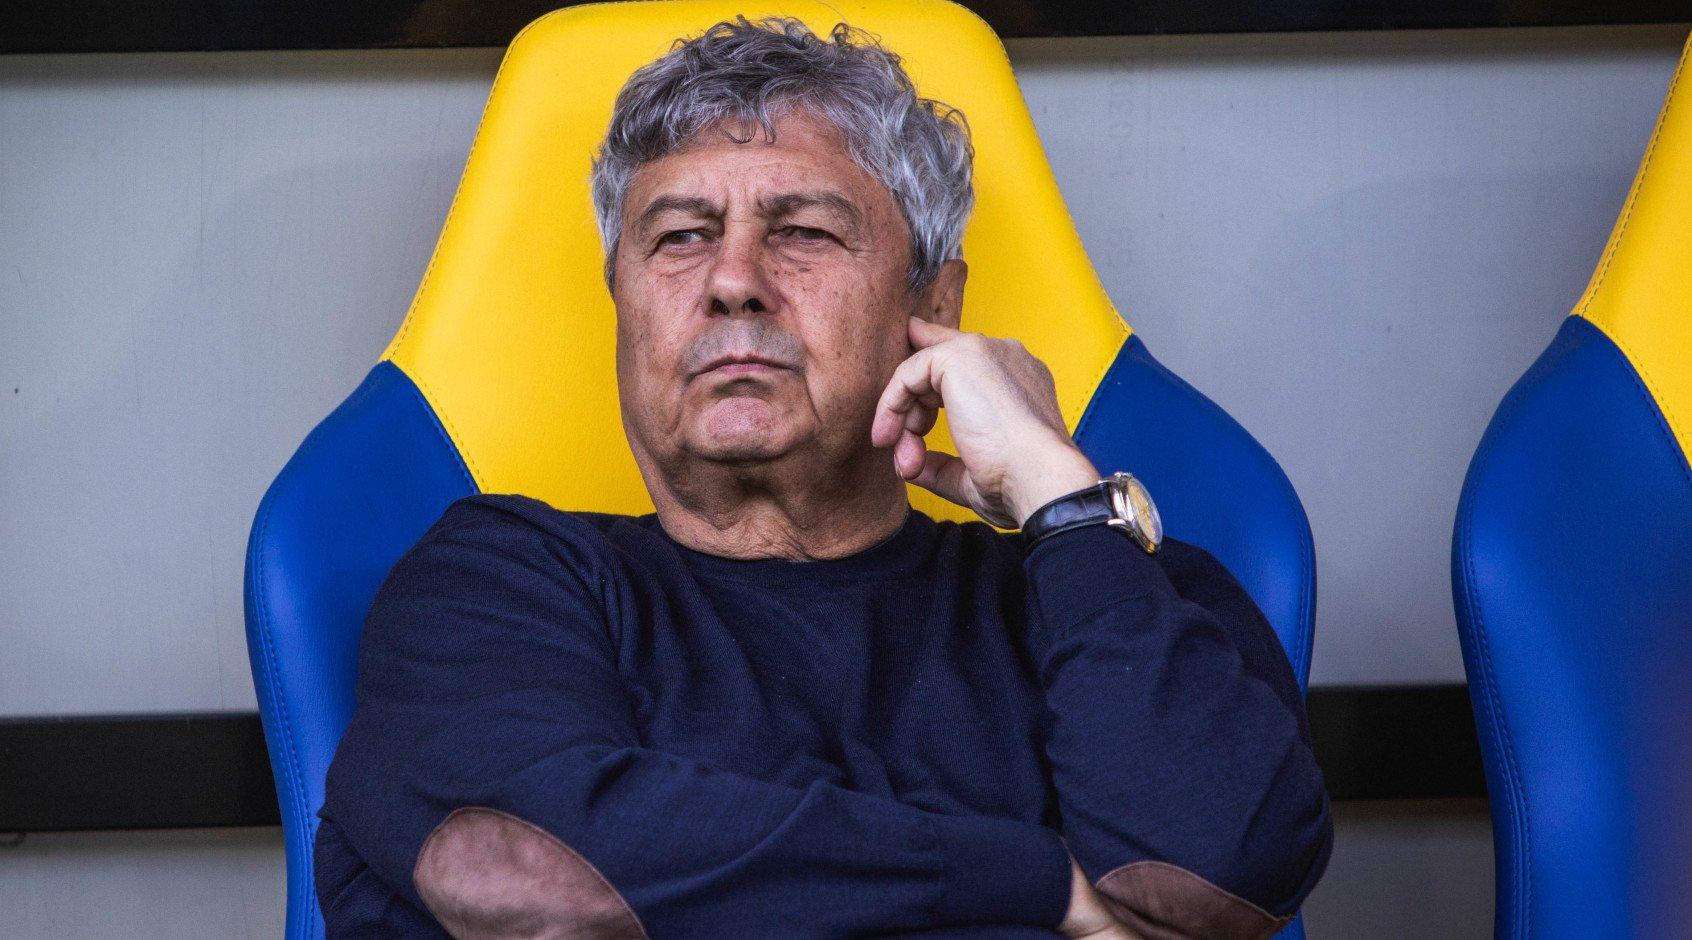 Экс-игрок сборной Румынии рассказал, как в Департаменте госбезопасности прослушивали Луческу